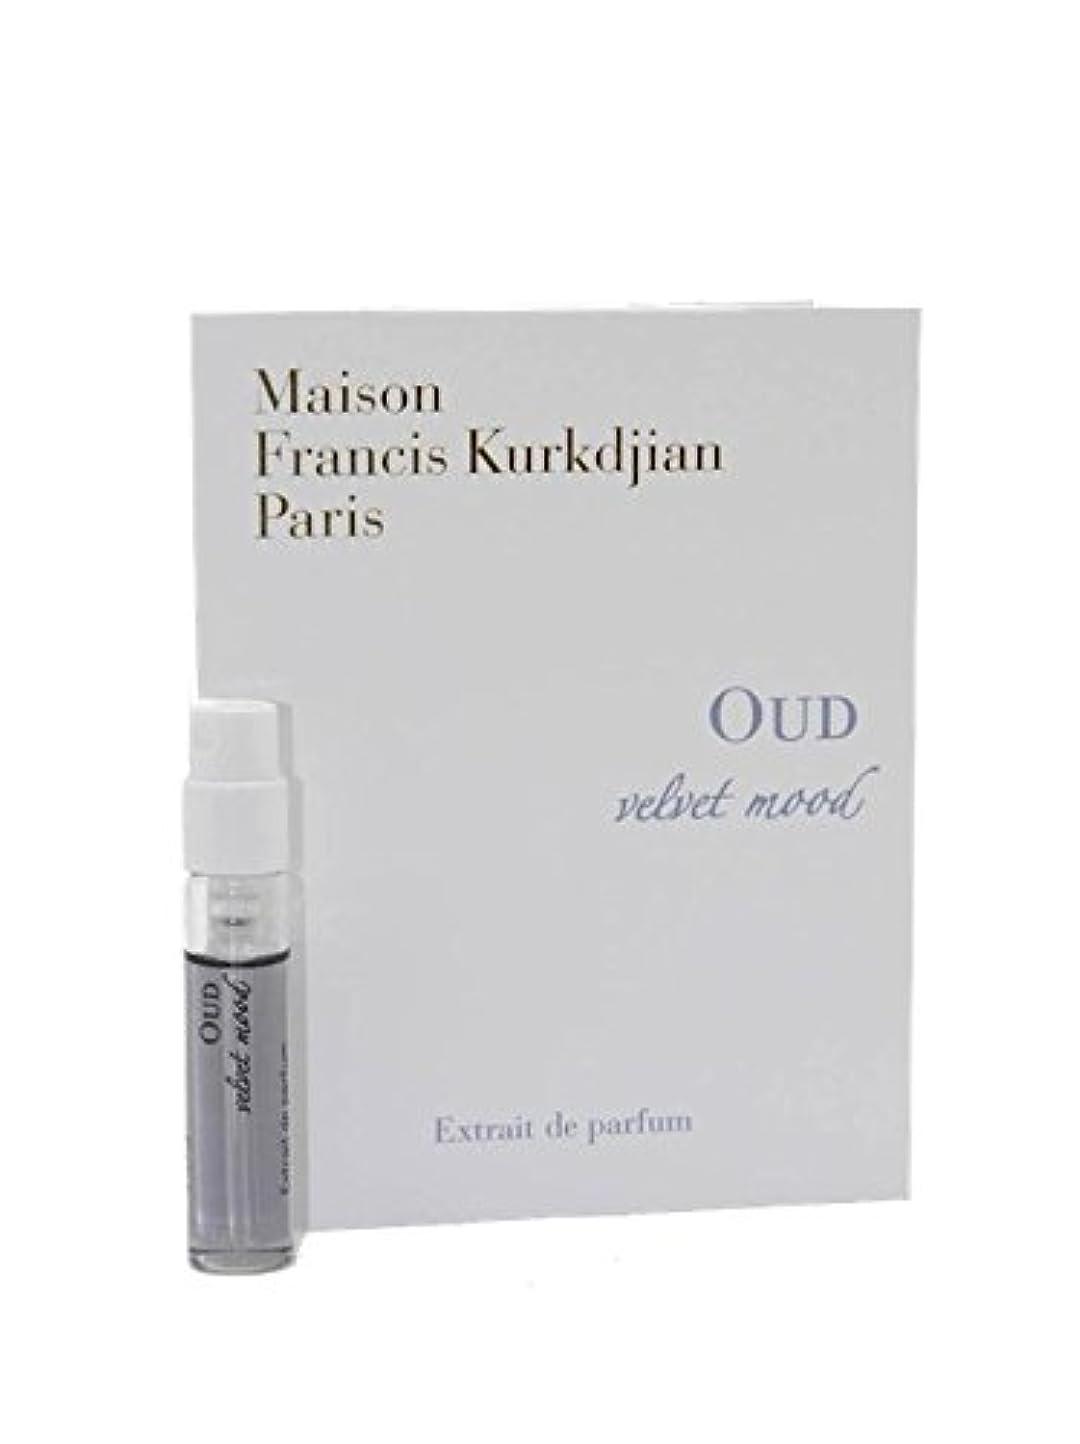 拮抗苦しめるガソリンMaison Francis Kurkdjian Oud Velvet Mood Extrait de Parfum Vial Sample 2ml(メゾン フランシス クルジャン ウード ベルベット ムード オードパルファン...